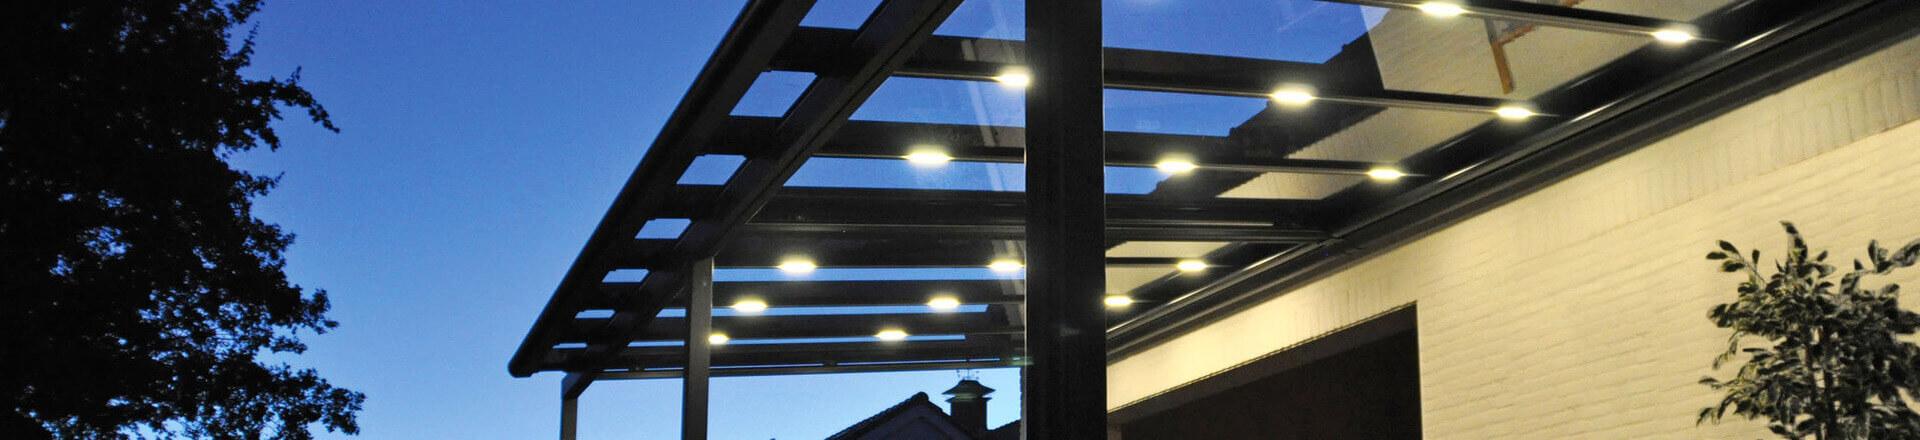 Terrassendächer - Weitere Informationen finden Sie hier